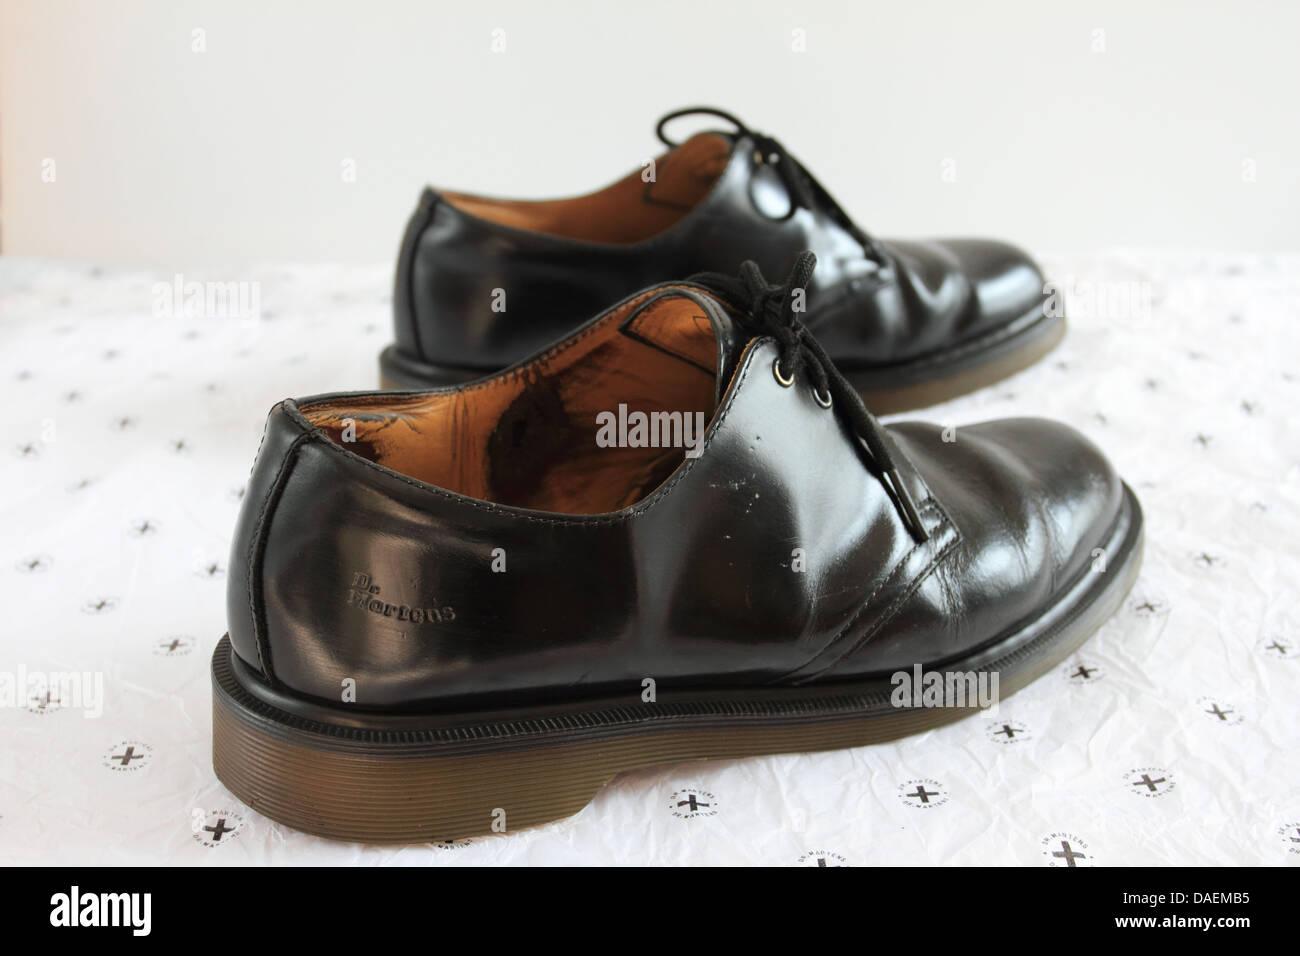 Dr. Martens shoes, air wair, black